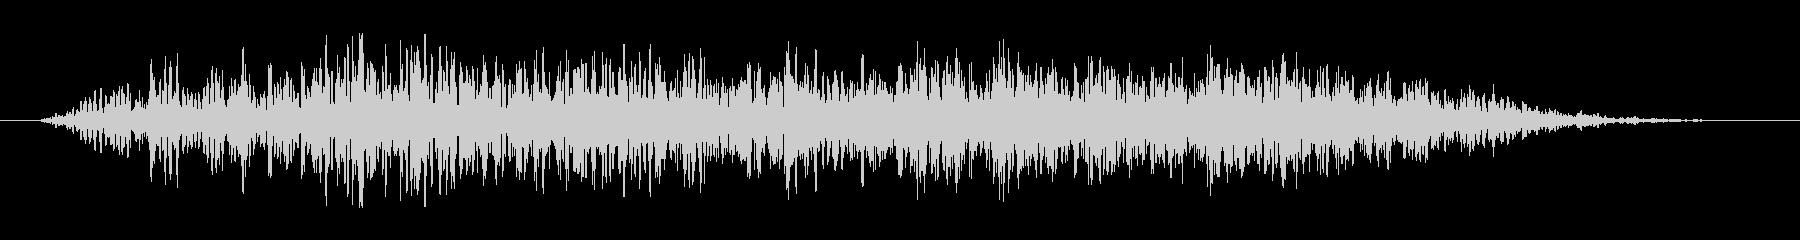 ゴゴゴゴドドドド(土系の音)の未再生の波形